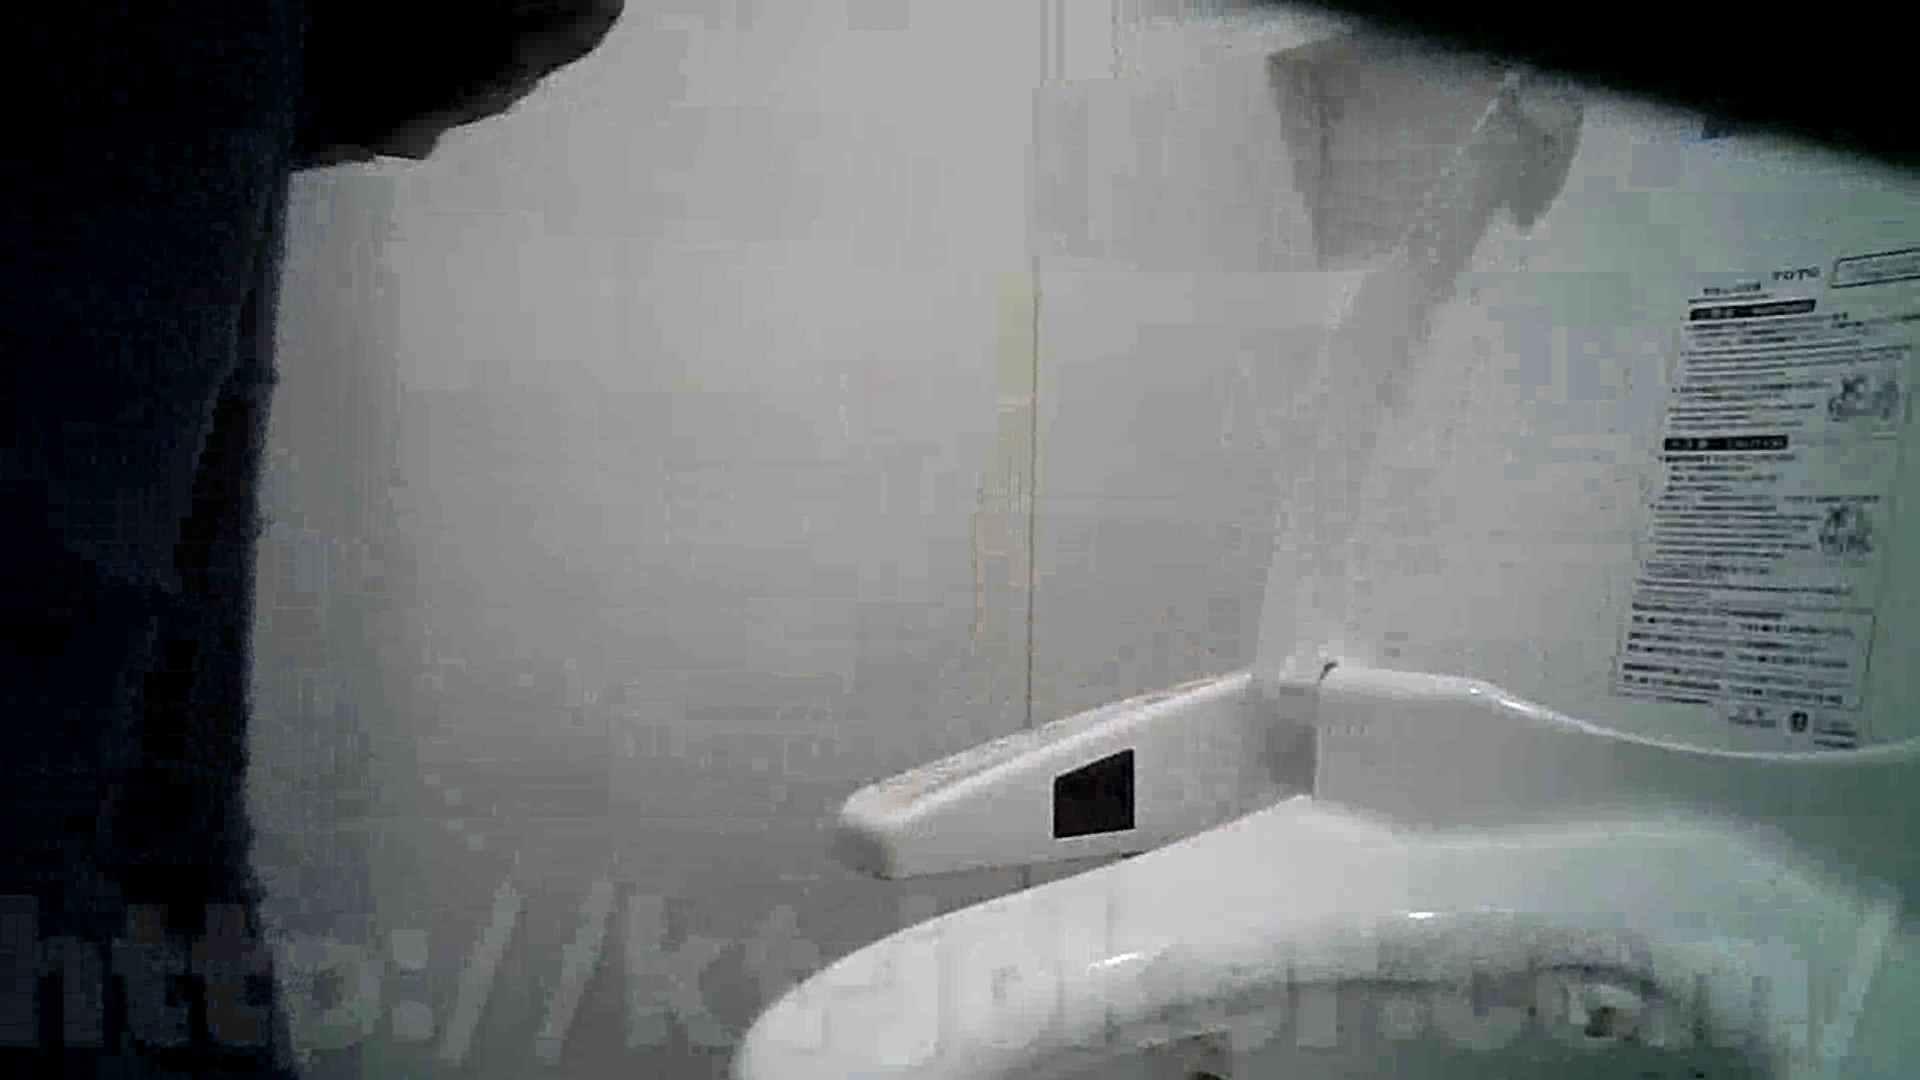 某有名大学女性洗面所 vol.32 美しいOLの裸体 AV動画キャプチャ 97pic 67